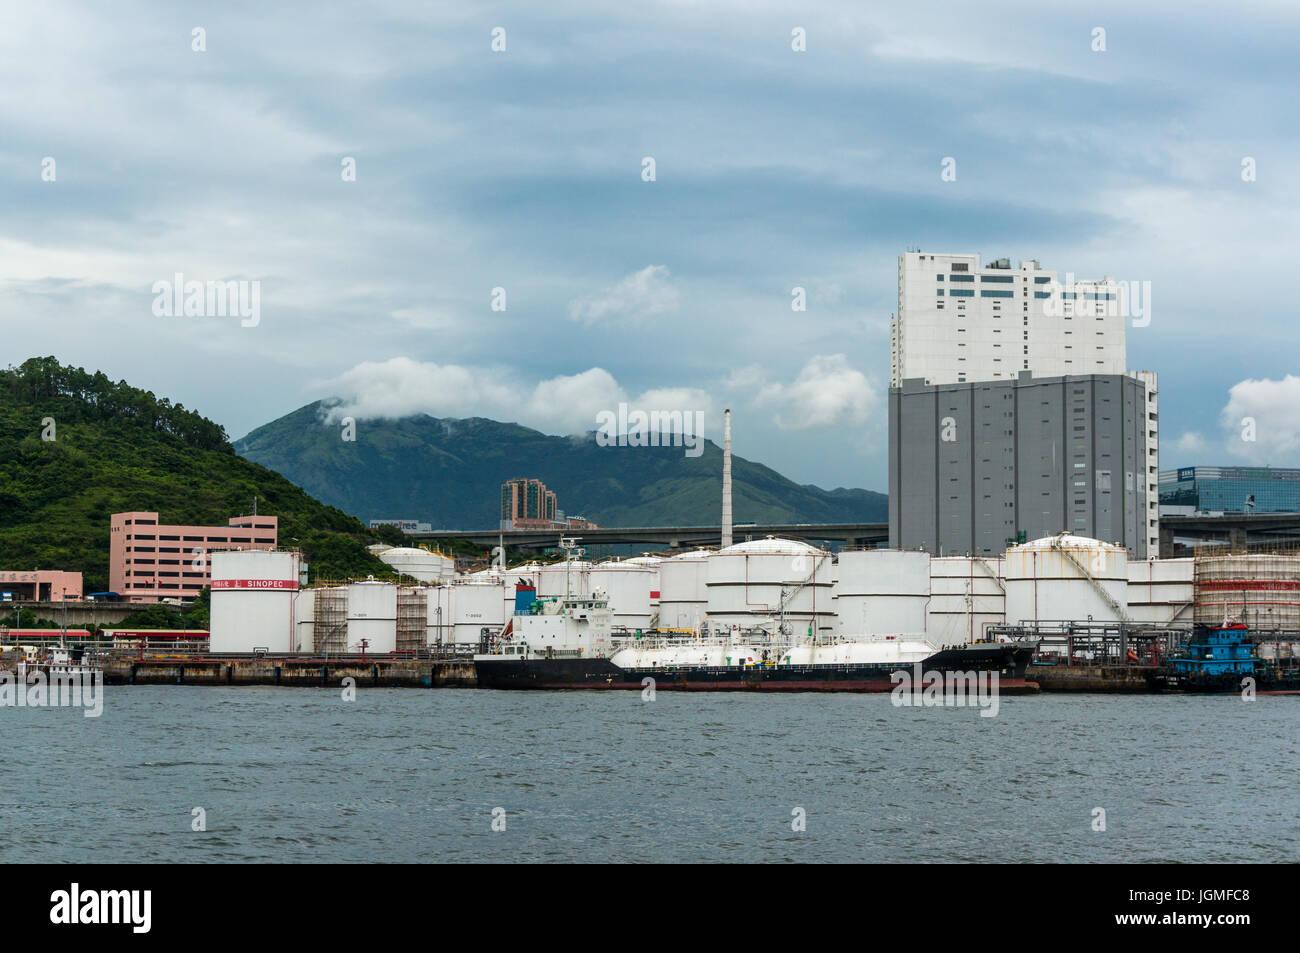 Crude oil storage tanks, Sinopec facility, in Hong Kong SAR - Stock Image